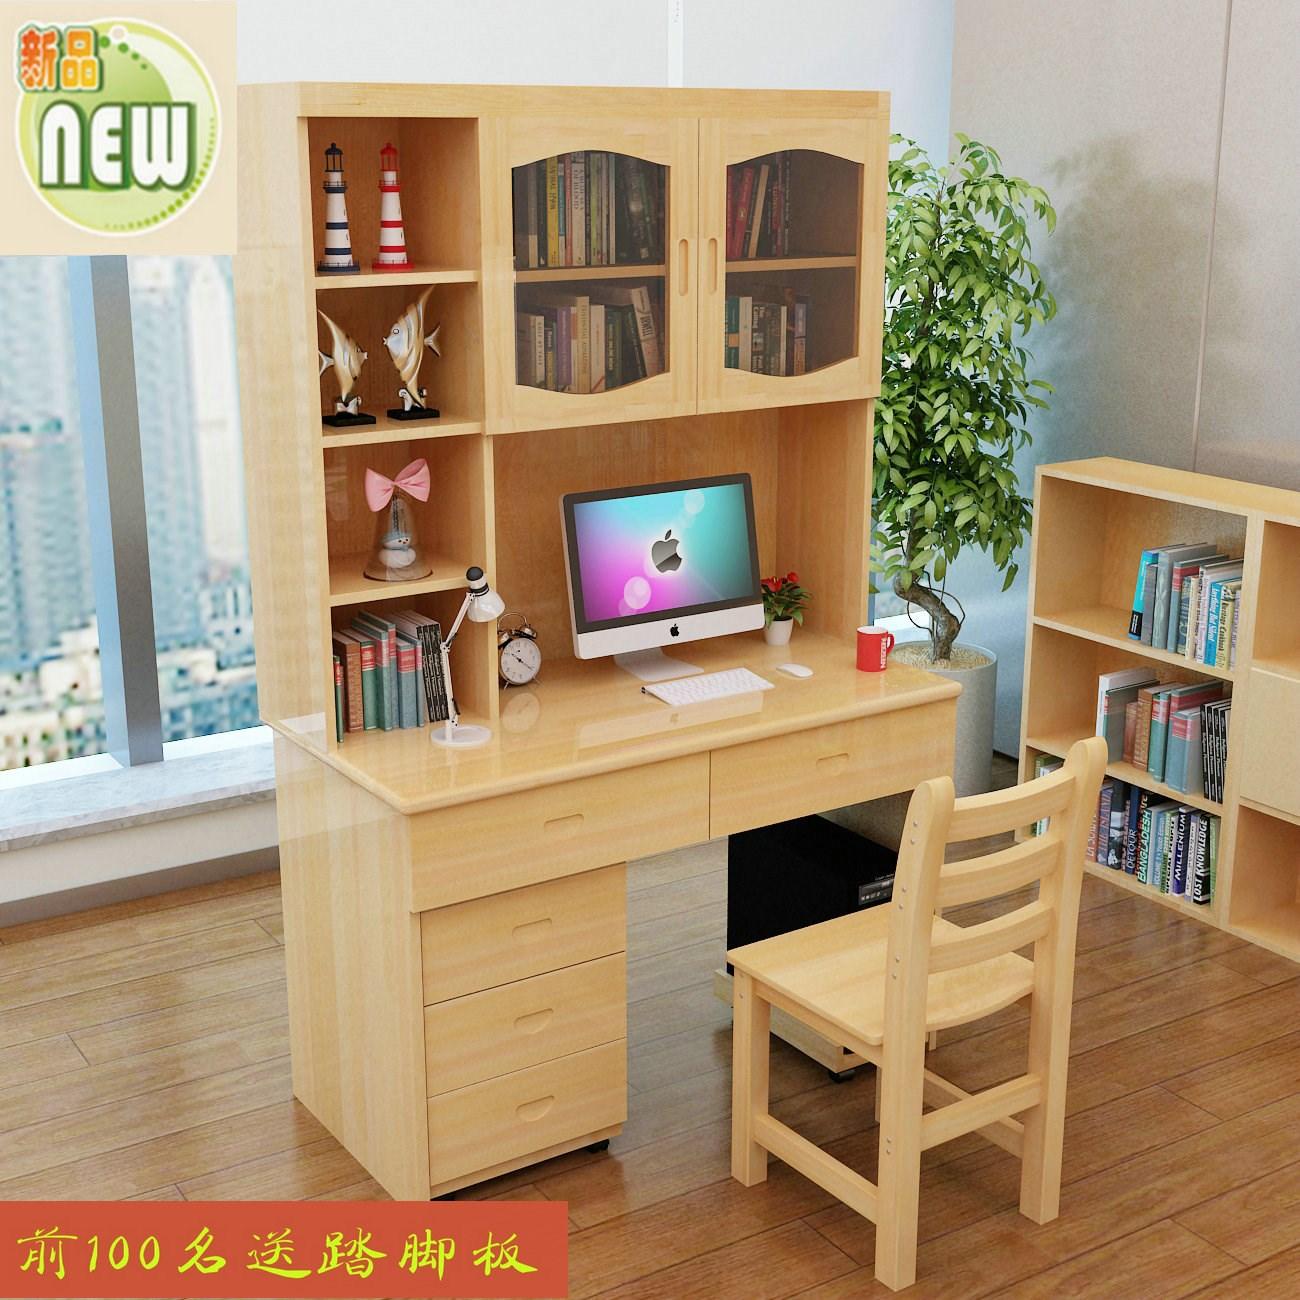 实木电脑台式桌带书架多功能家用书柜书桌一体儿童书桌组合学习桌